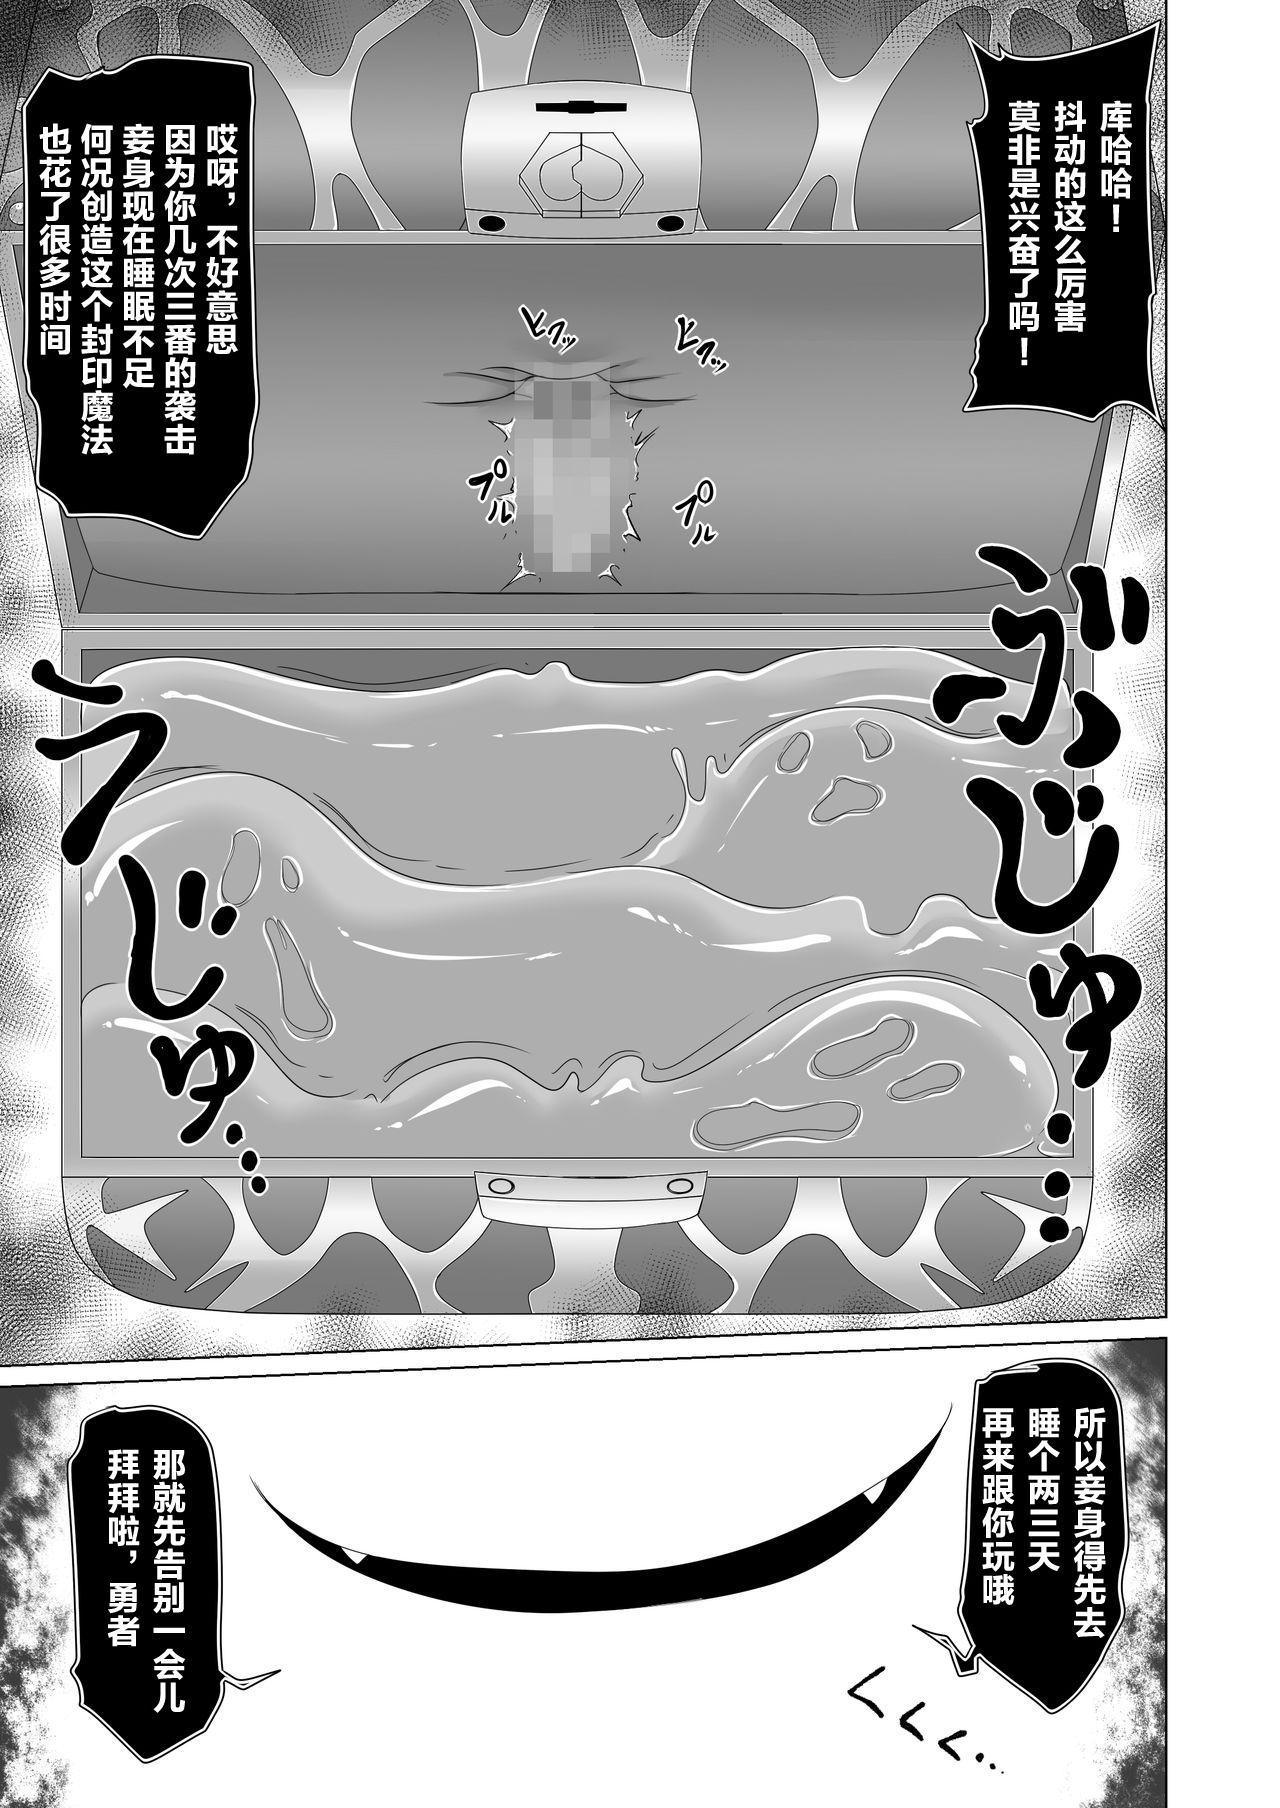 Seirei no Kago no Chikara de nan do mo Fukkatsu shite kita Yūsha wa Maō ni yotte KuriBOX ni sarete shimaimashita 15